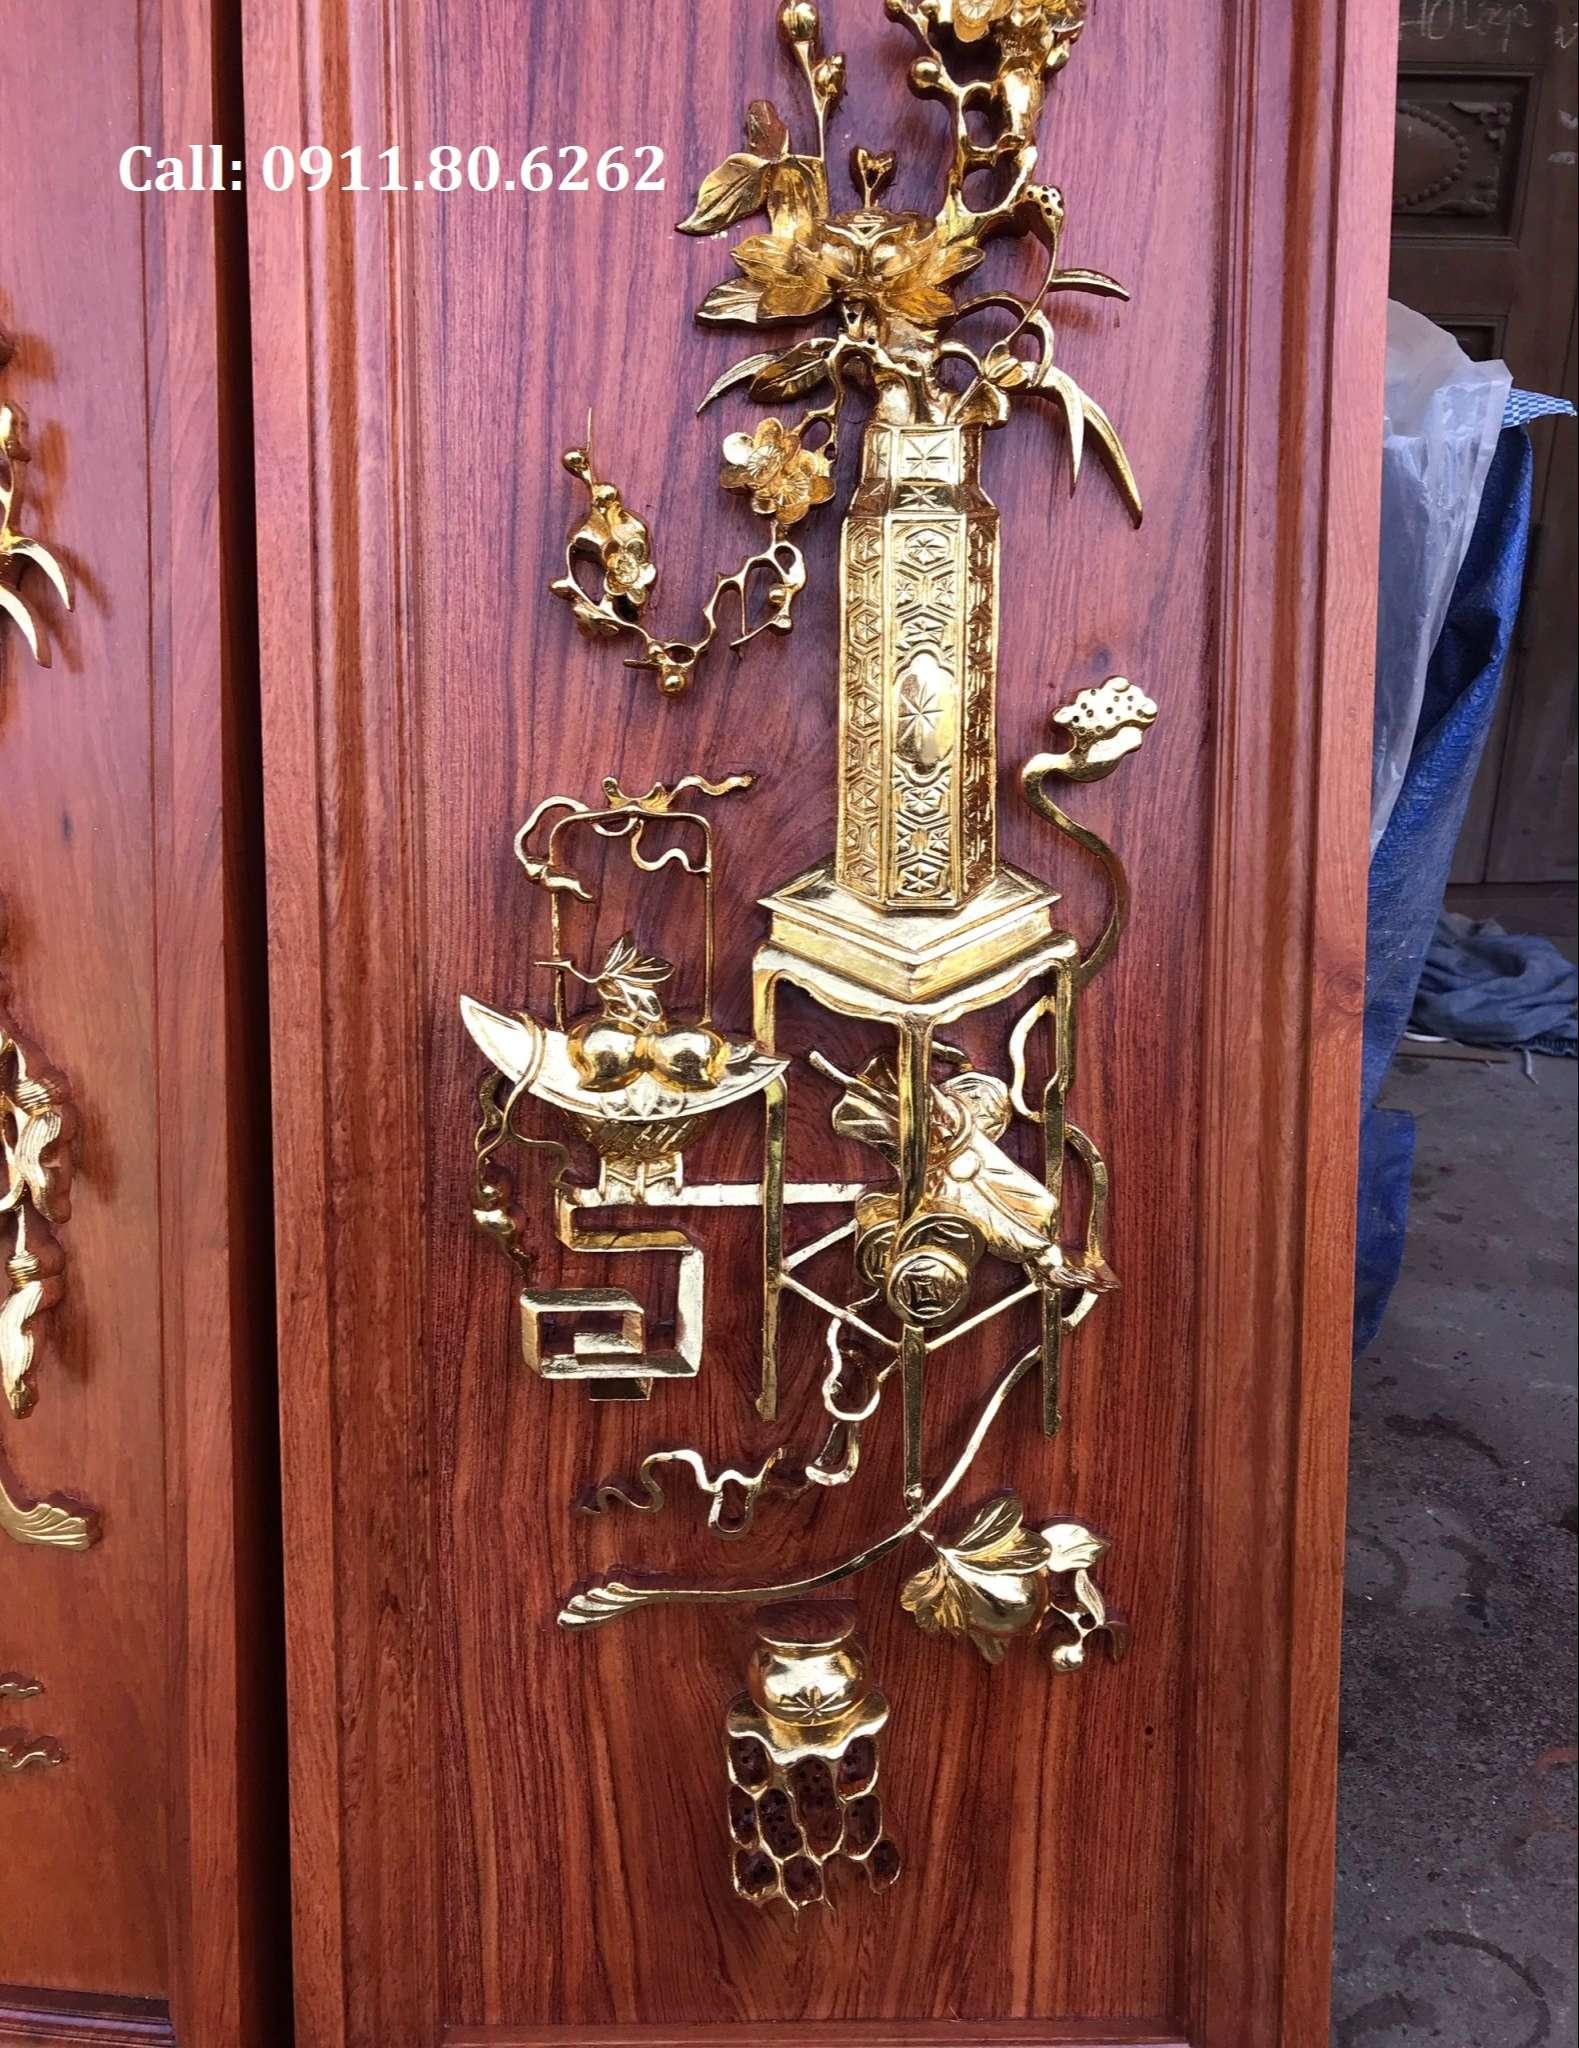 Tranh Tu Binh Son Son Thep Vang 13 - Tranh Tứ Bình Sơn Son Thiếp Vàng MS: 15